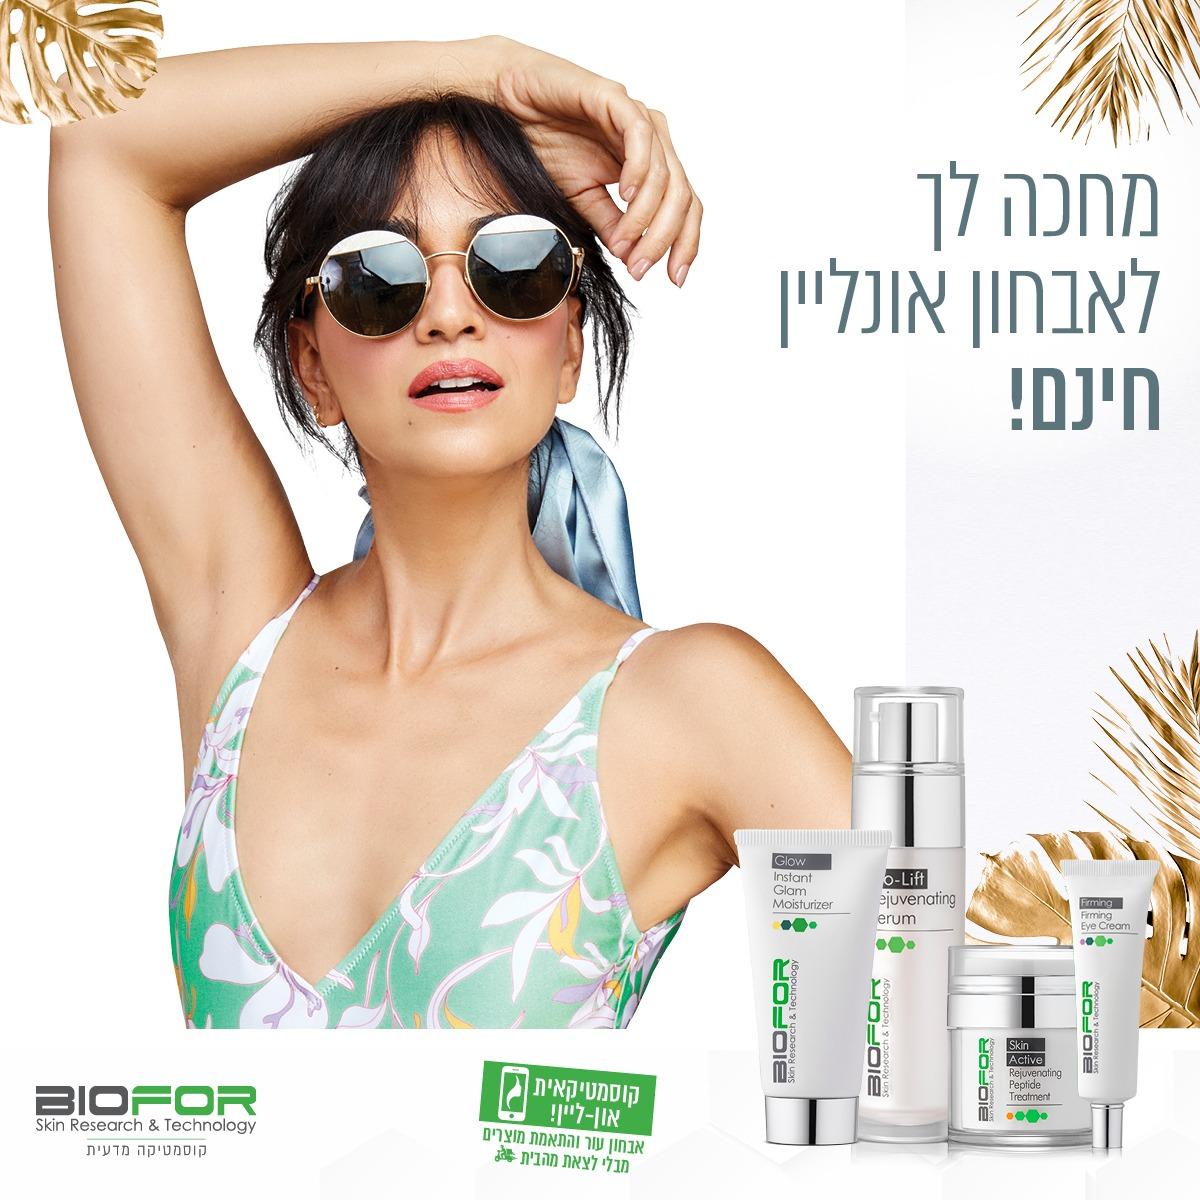 ביופור - Yvonne Cosmetics